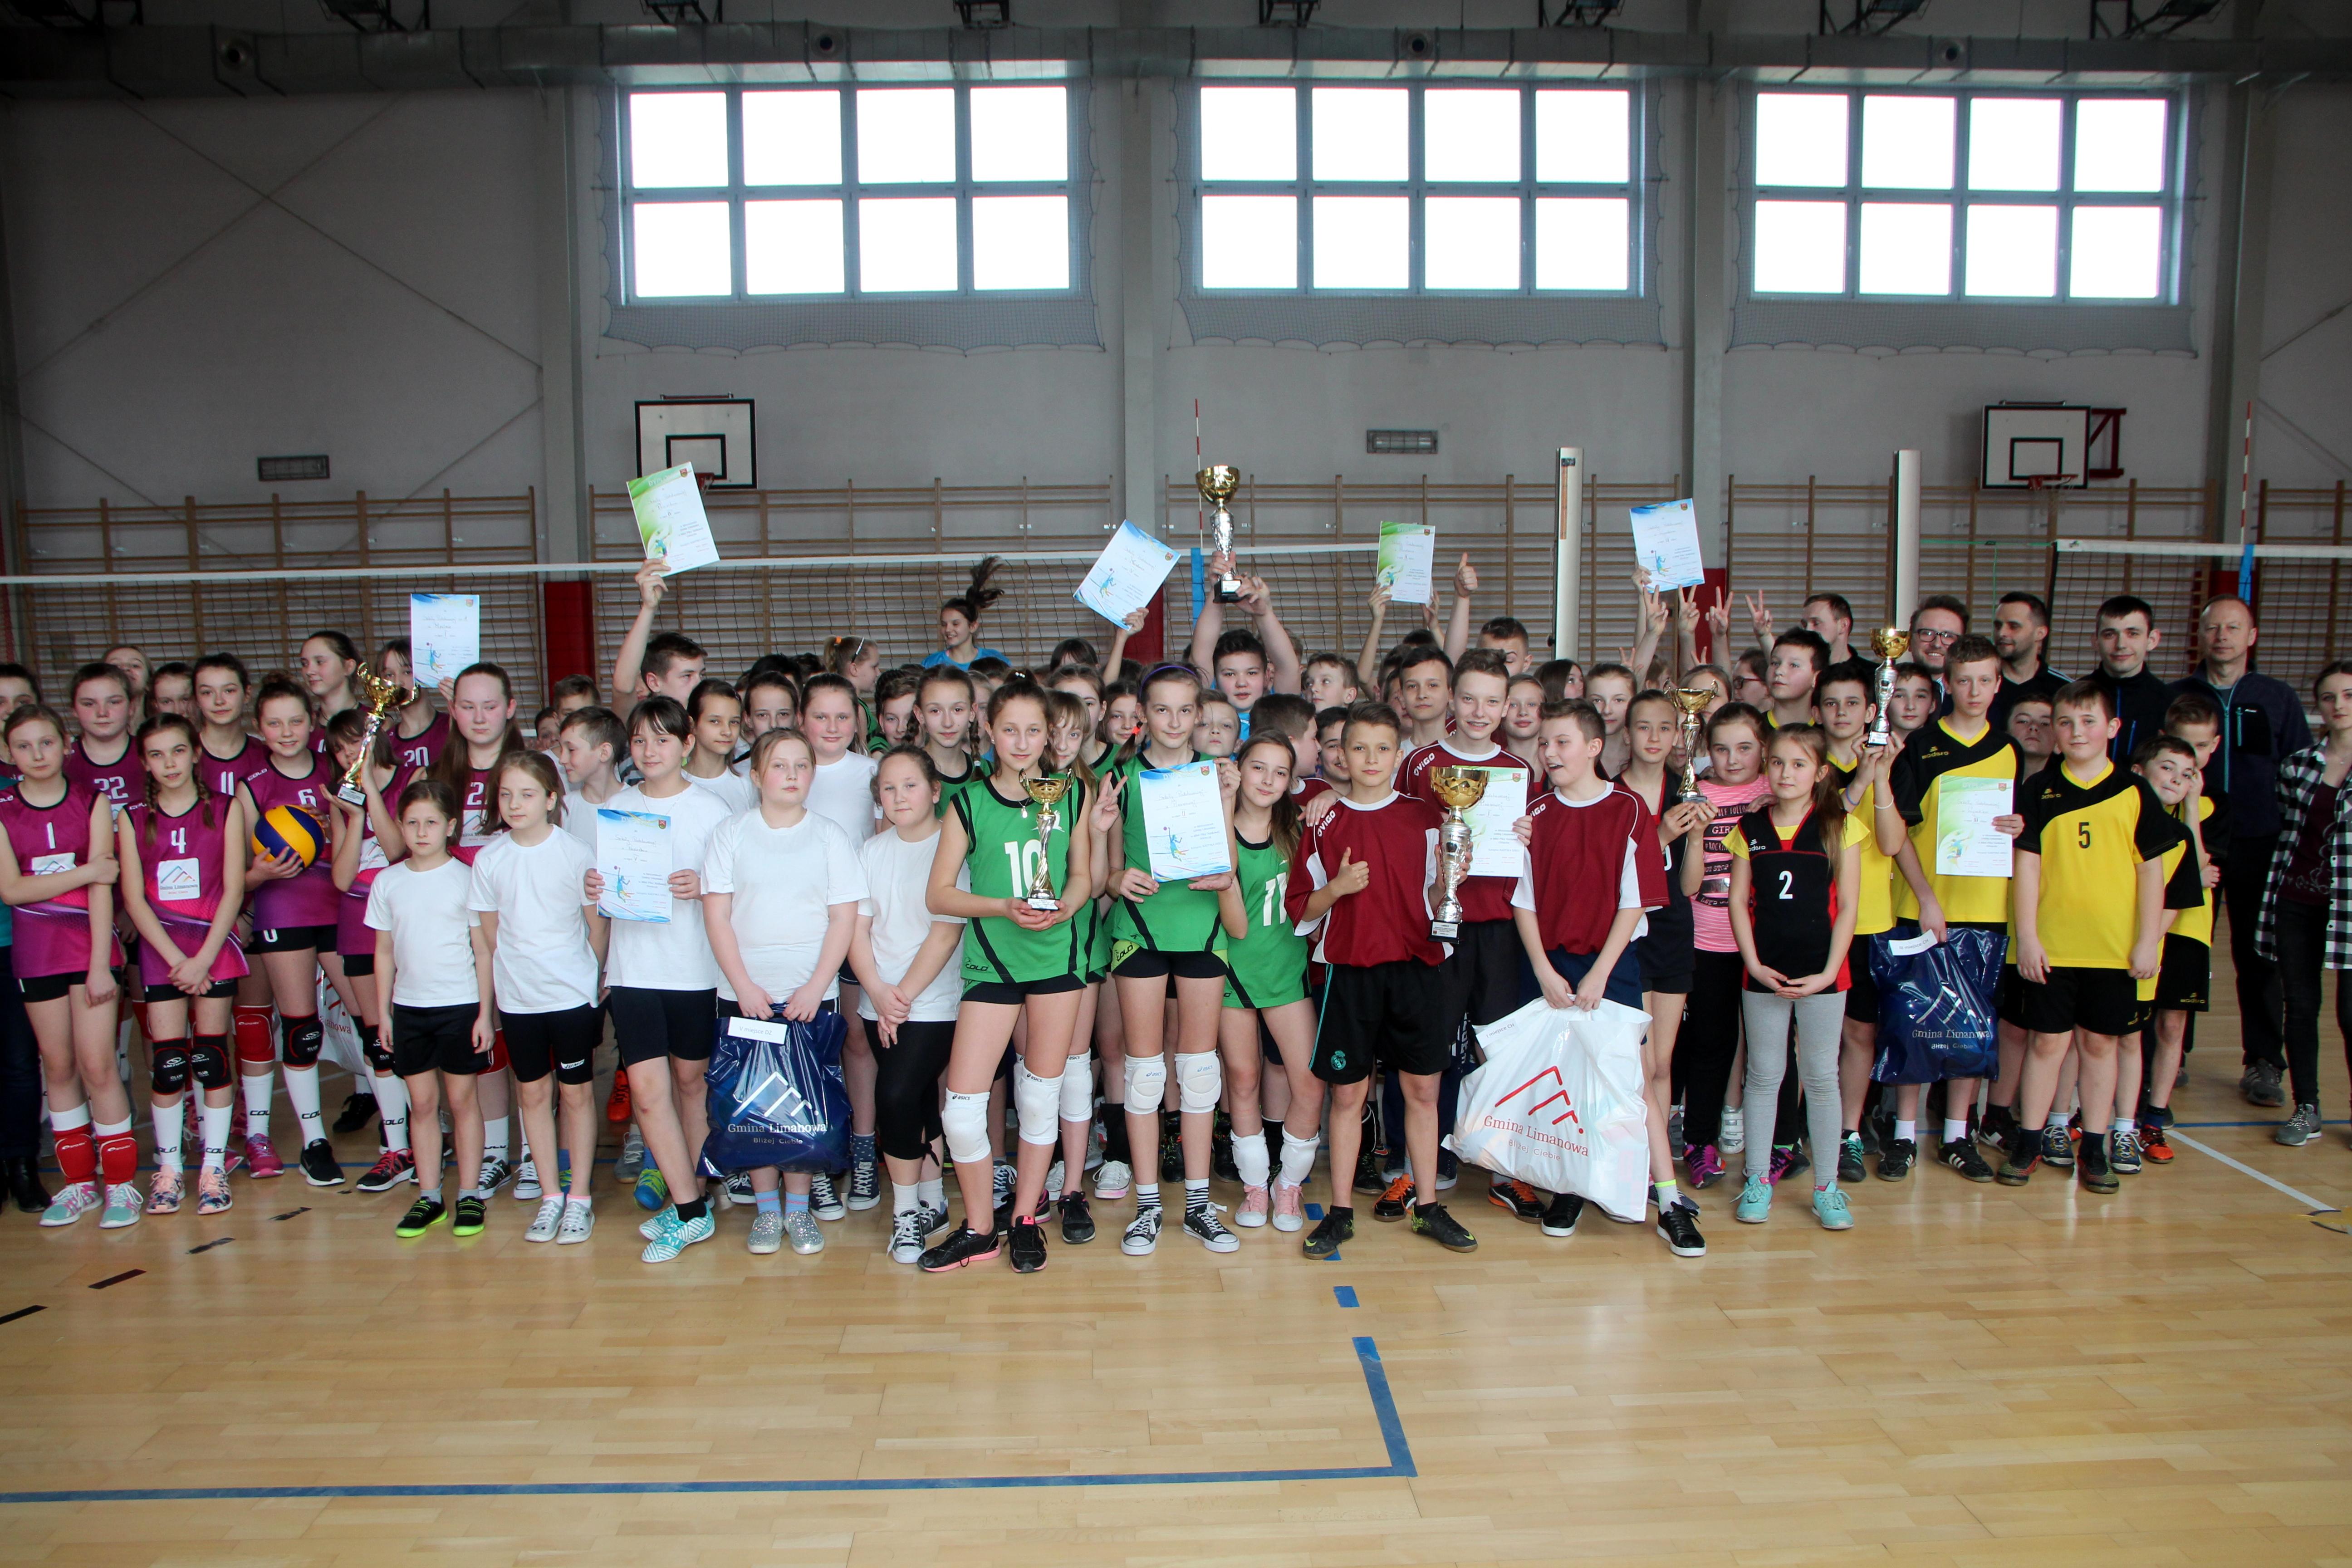 Za nami mistrzostwa gminy Limanowa w mini piłce siatkowej! - zdjęcie główne